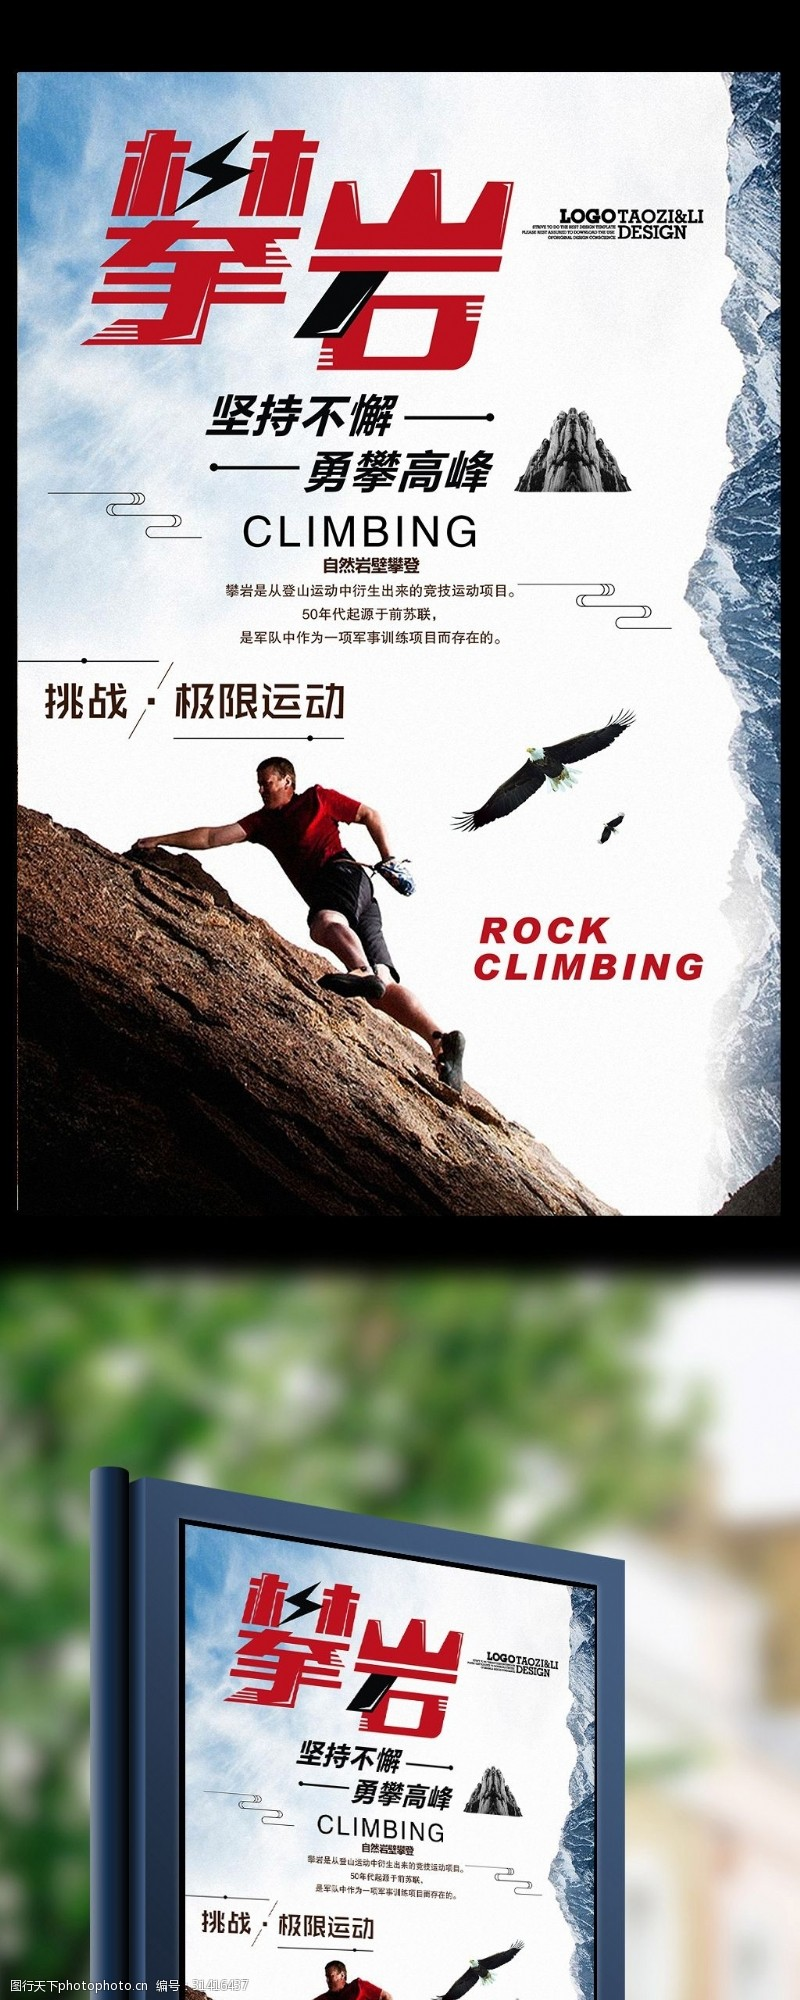 徒手攀岩攀岩创意体育海报设计